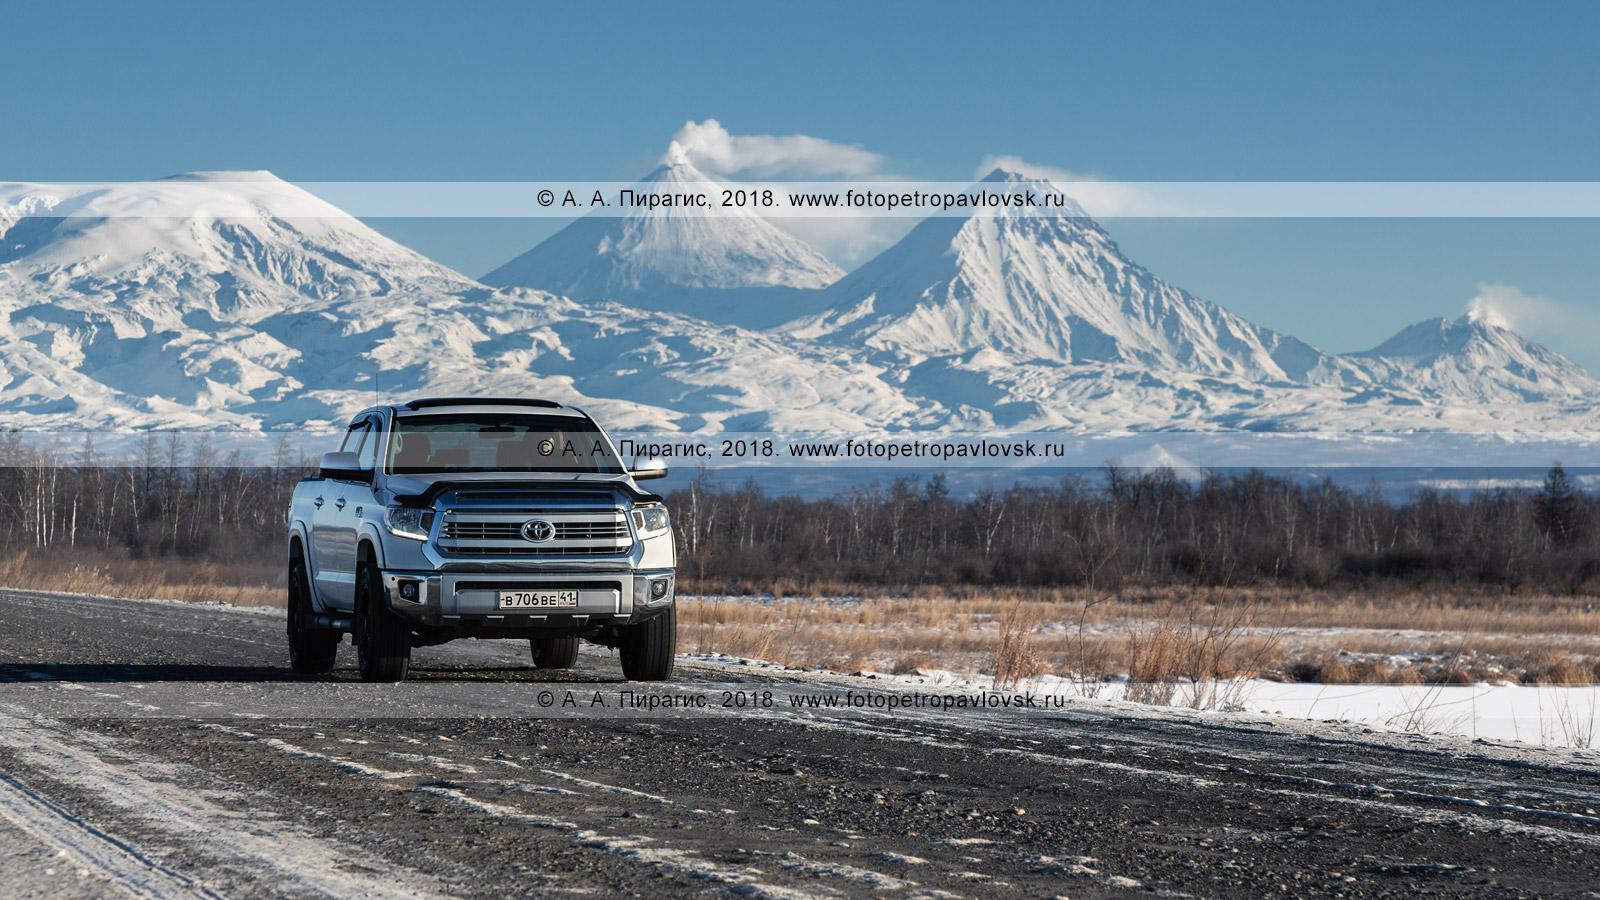 Фотография: японский внедорожник Toyota Tundra едет по автодороге на фоне камчатского зимнего пейзажа — вулканов Ключевской группы